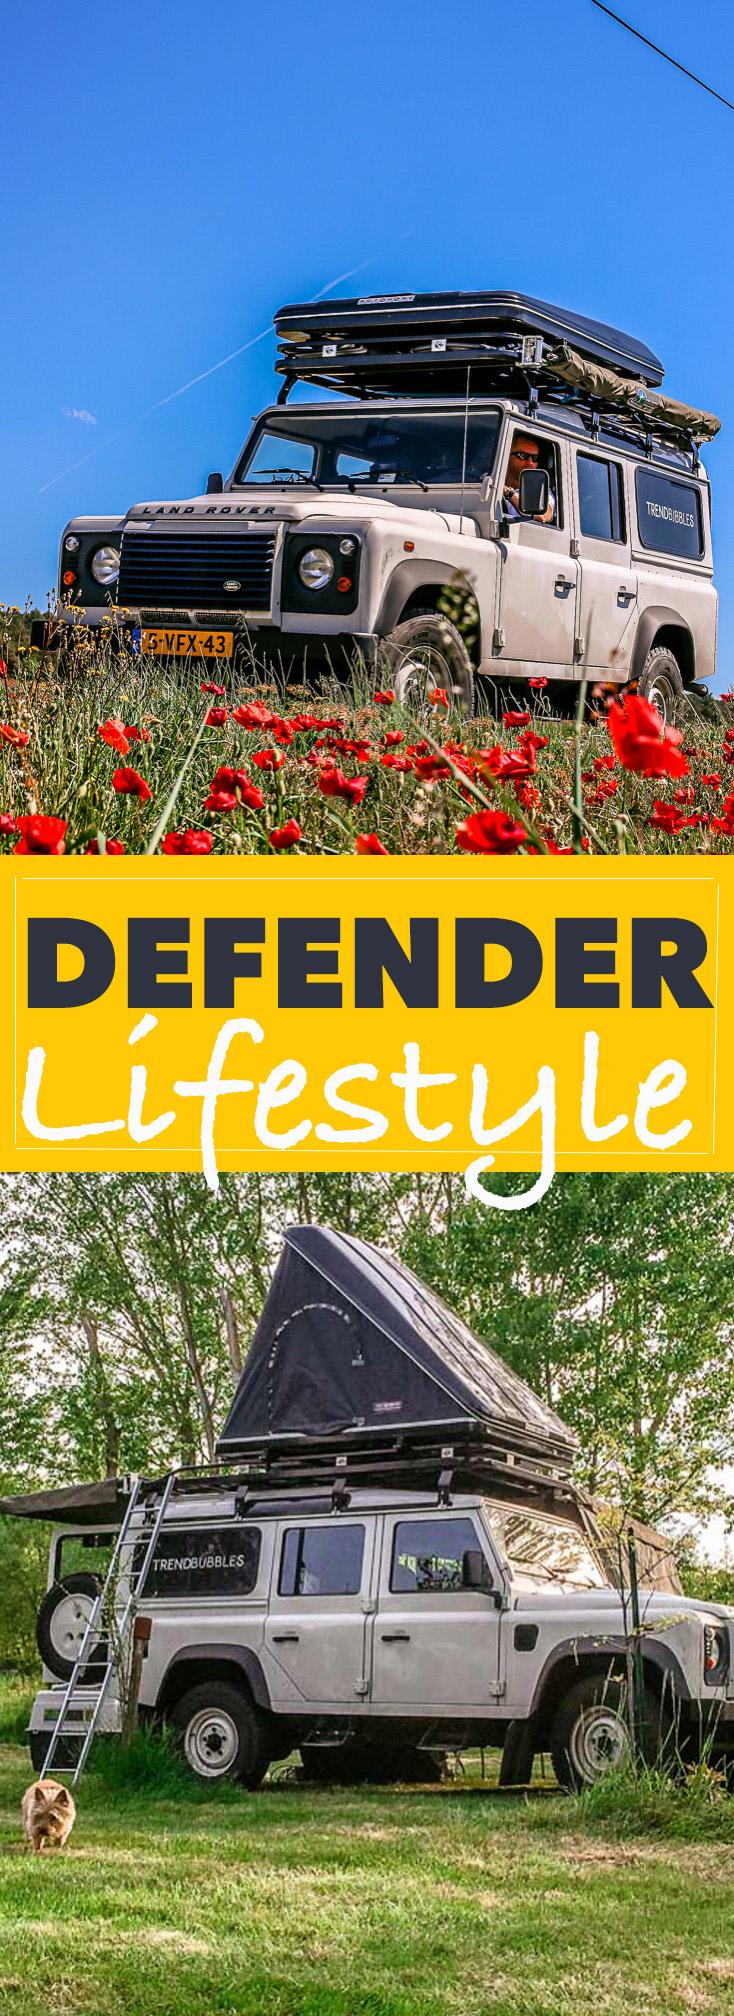 025 - Defender Lifestyle op de Bonnefooi | Trendbubbles.nl